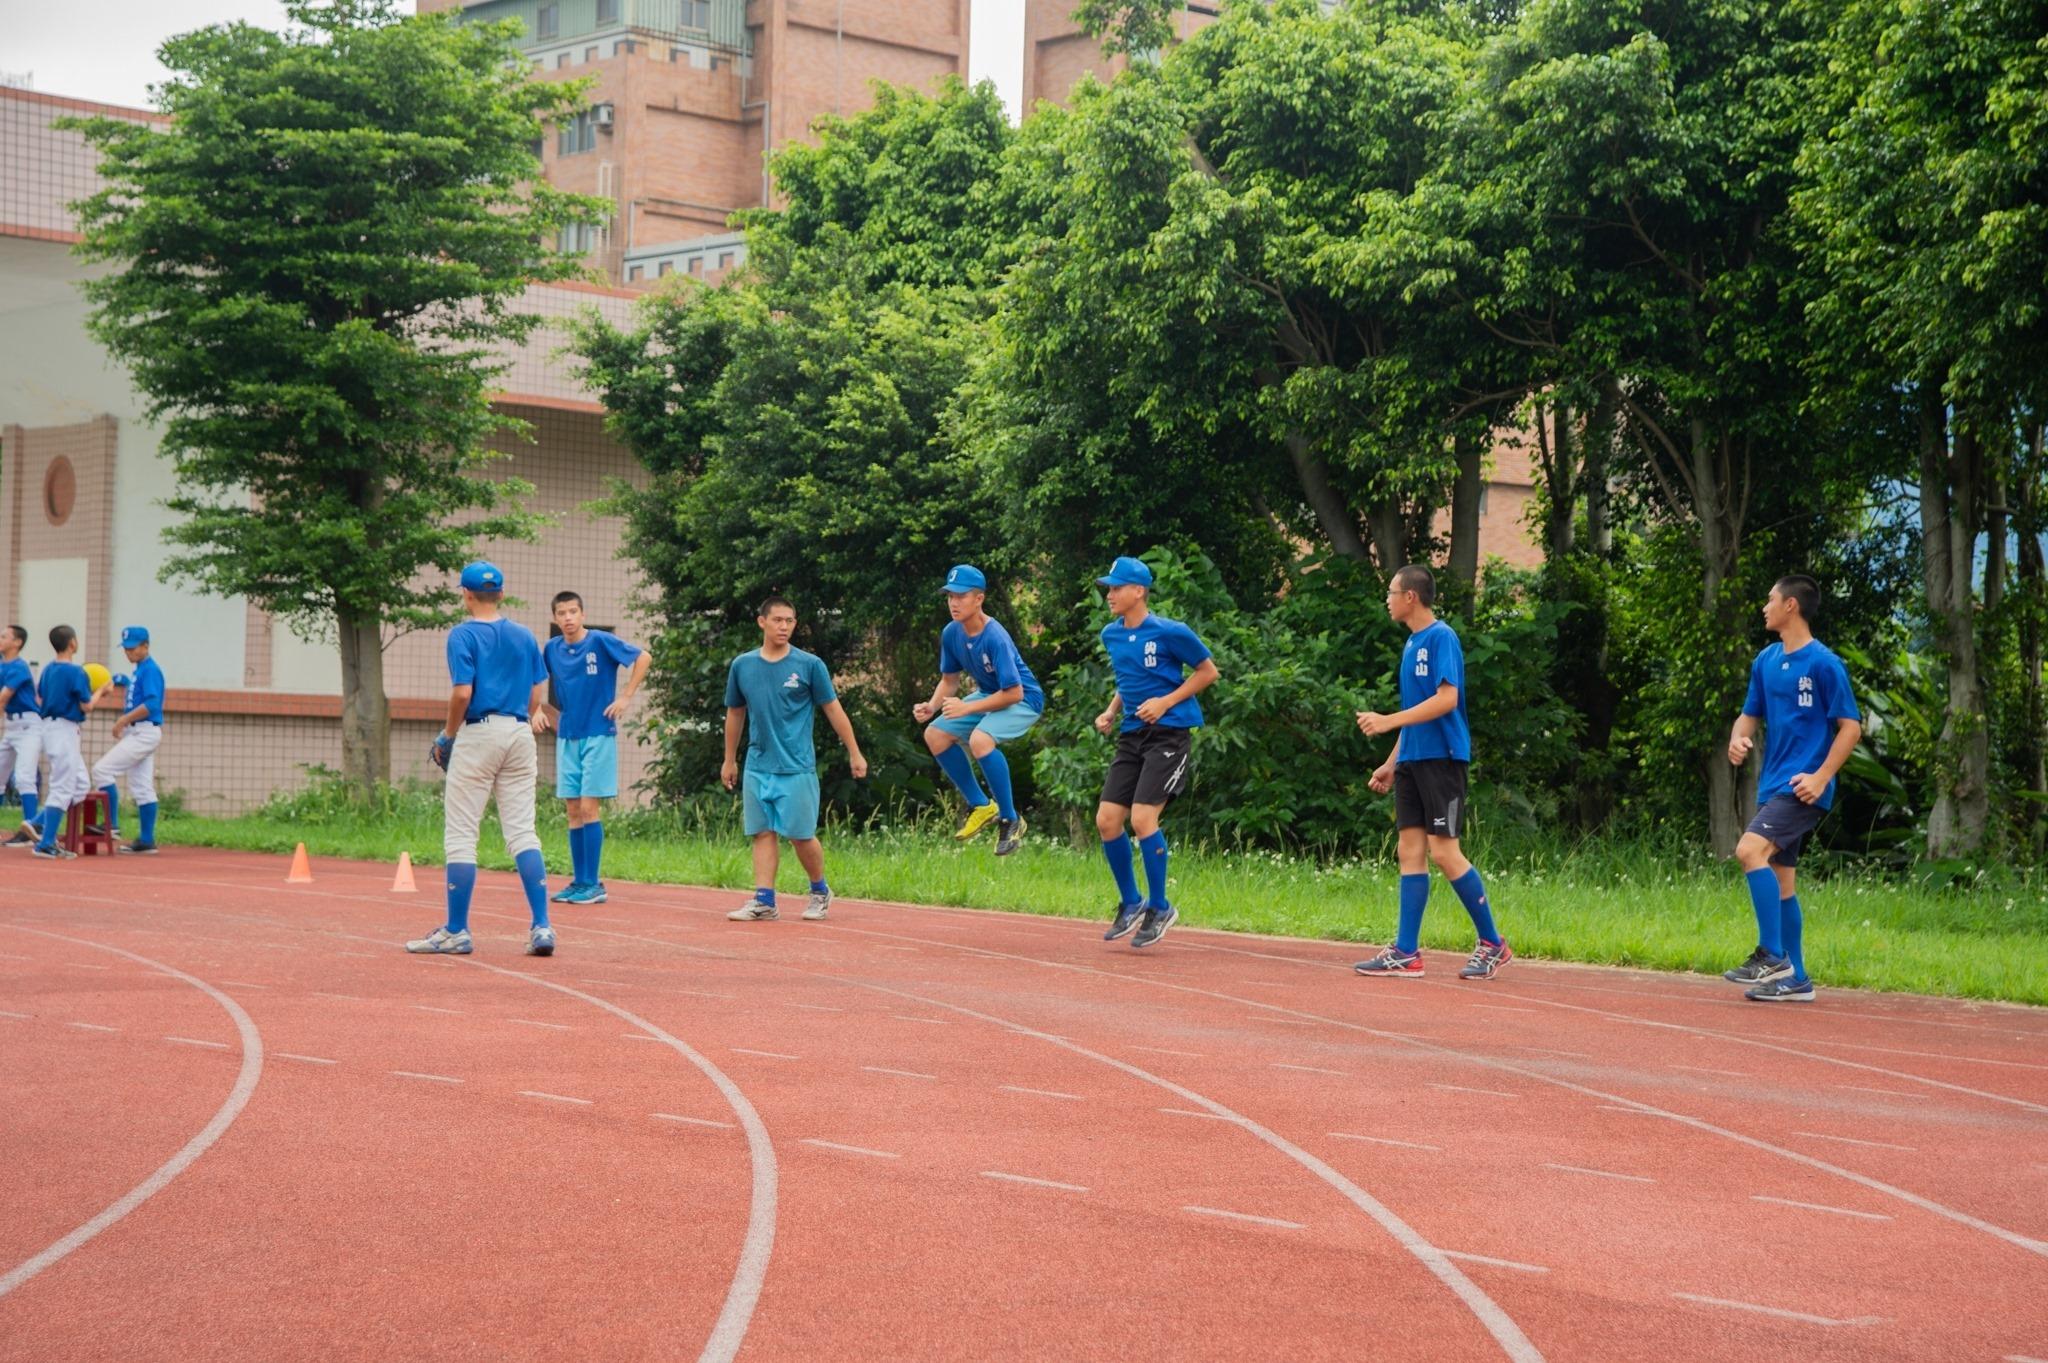 尖山國中棒球隊和一般班級共用運動場地,影響練習品質。